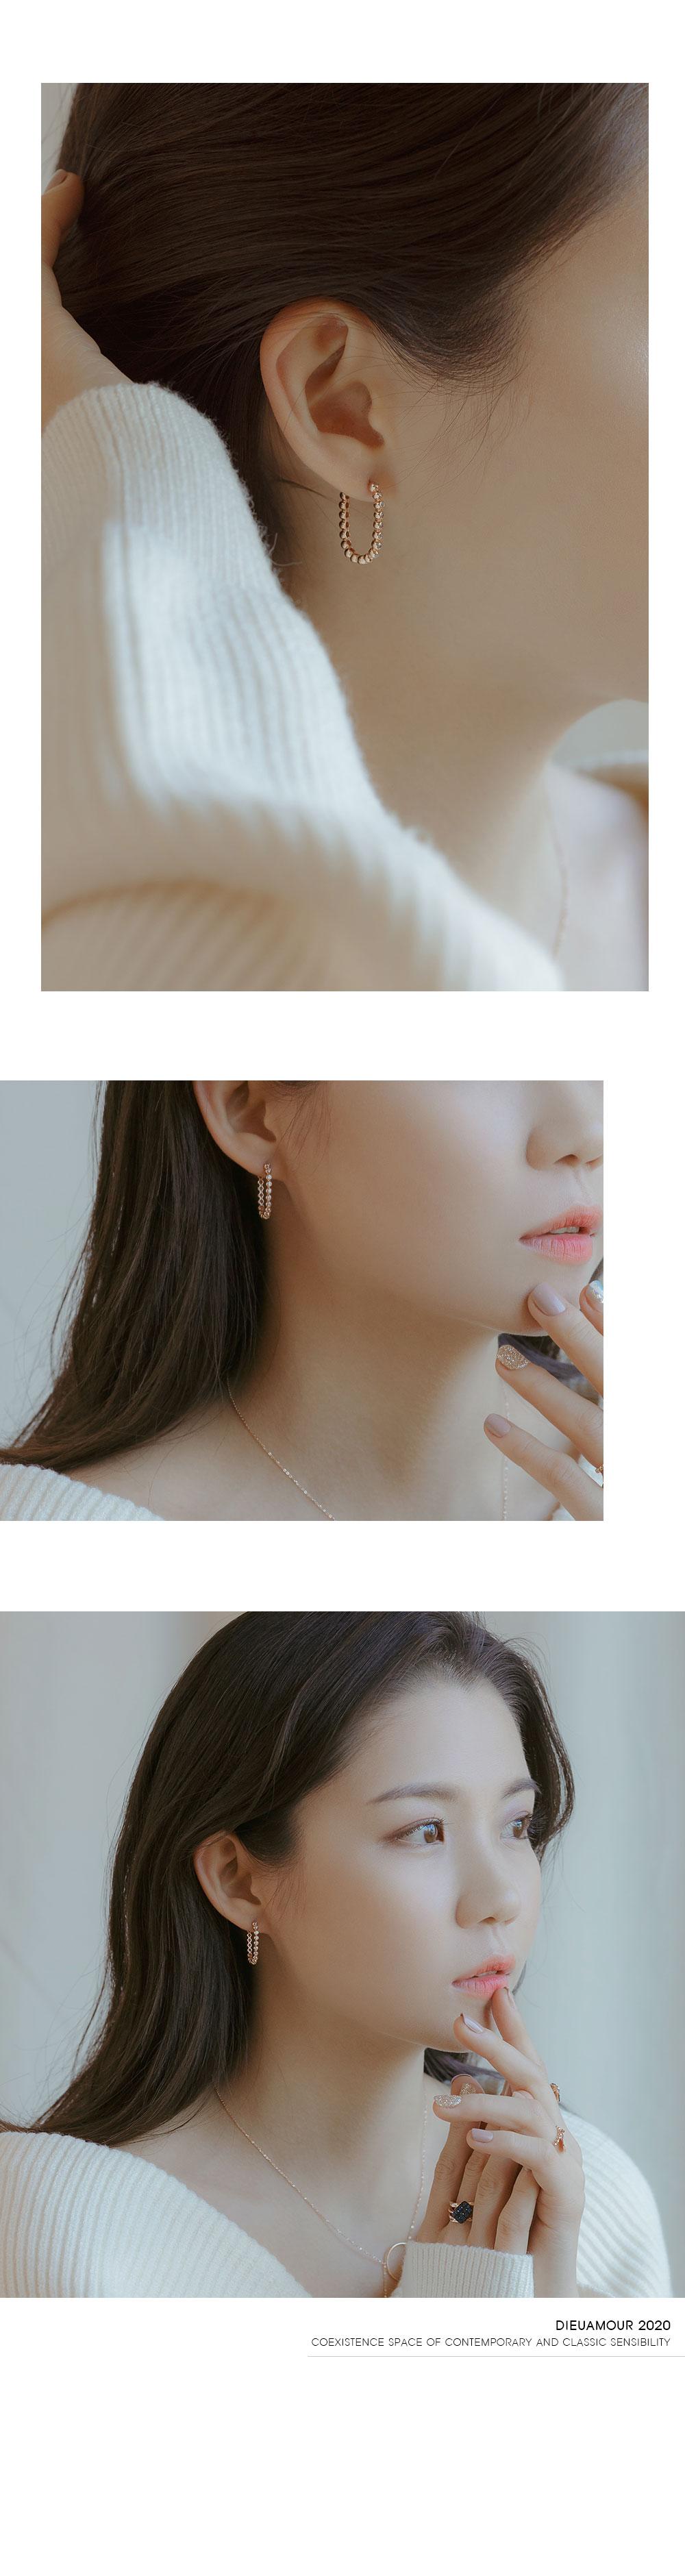 [주문제작] 18k 귀걸이 쁘띠 볼 클립 이어링 - 디유아모르, 596,880원, 골드, 14K/18K